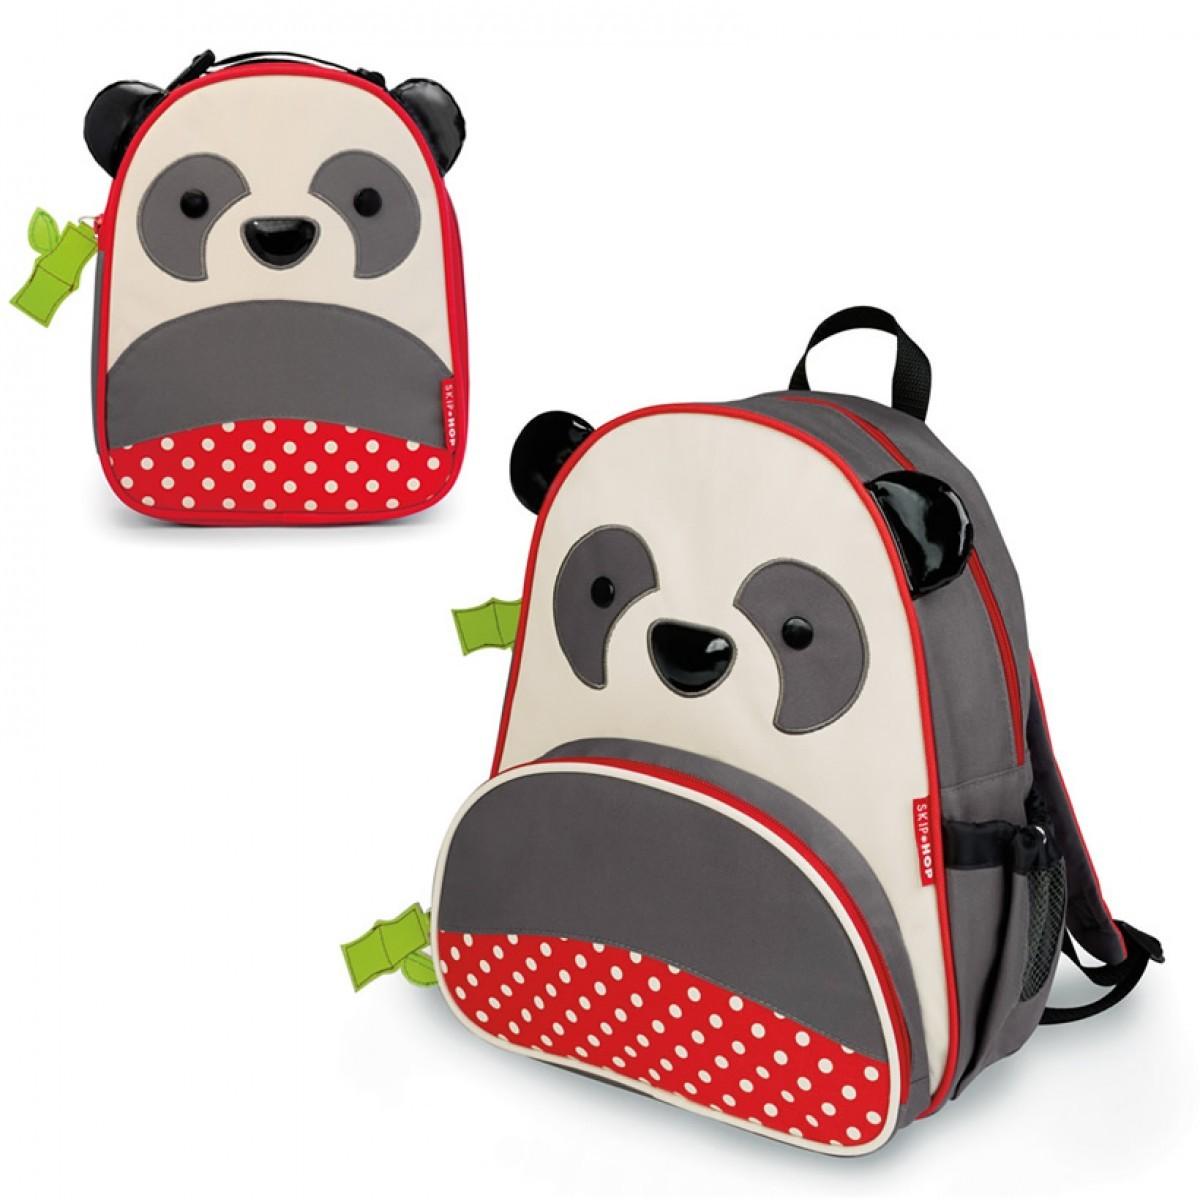 Skip Hop: Zoo Pack - Panda image